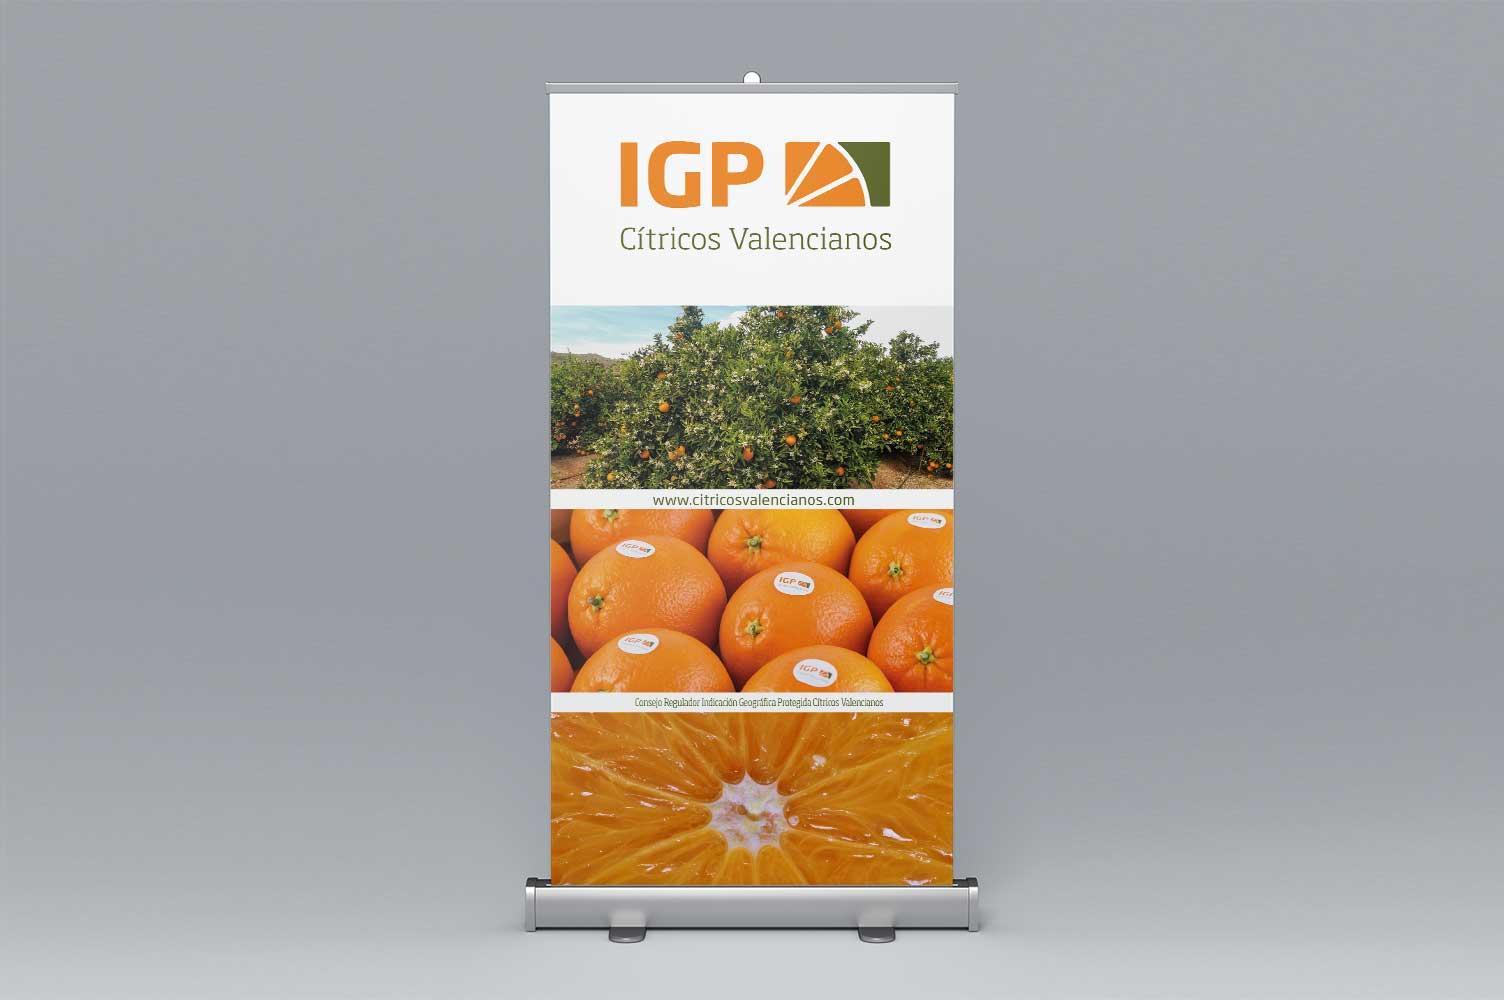 Rollup corporativo IGP